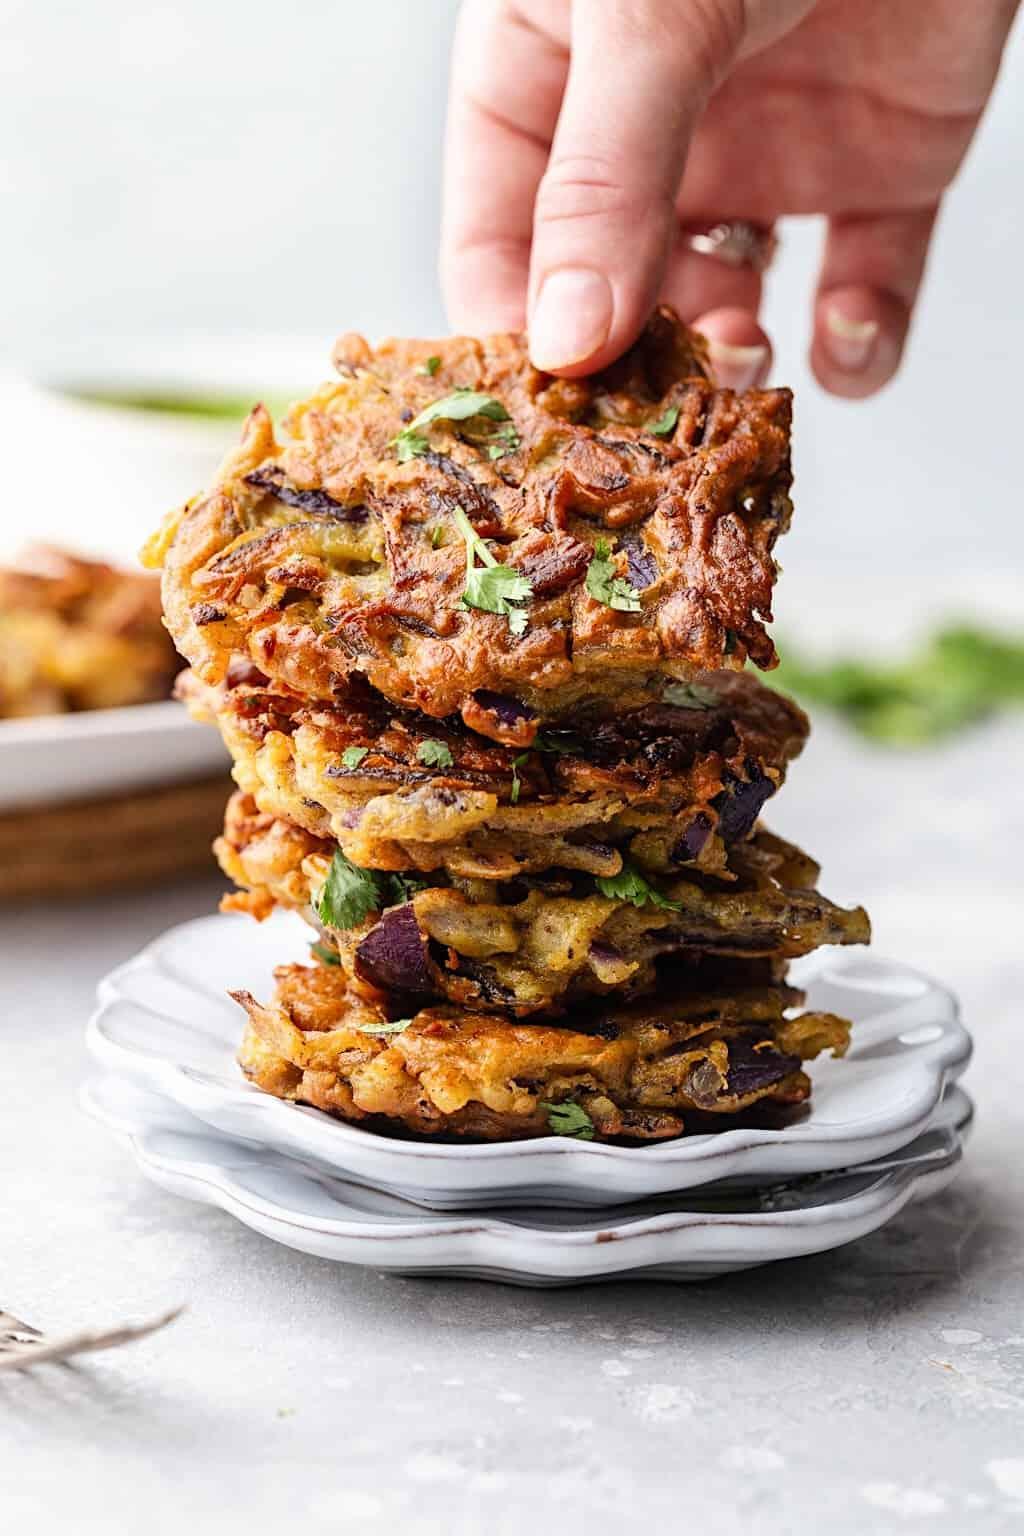 Vegan Onion Bhajis #vegan #recipe #onion #bhaji #indianfood